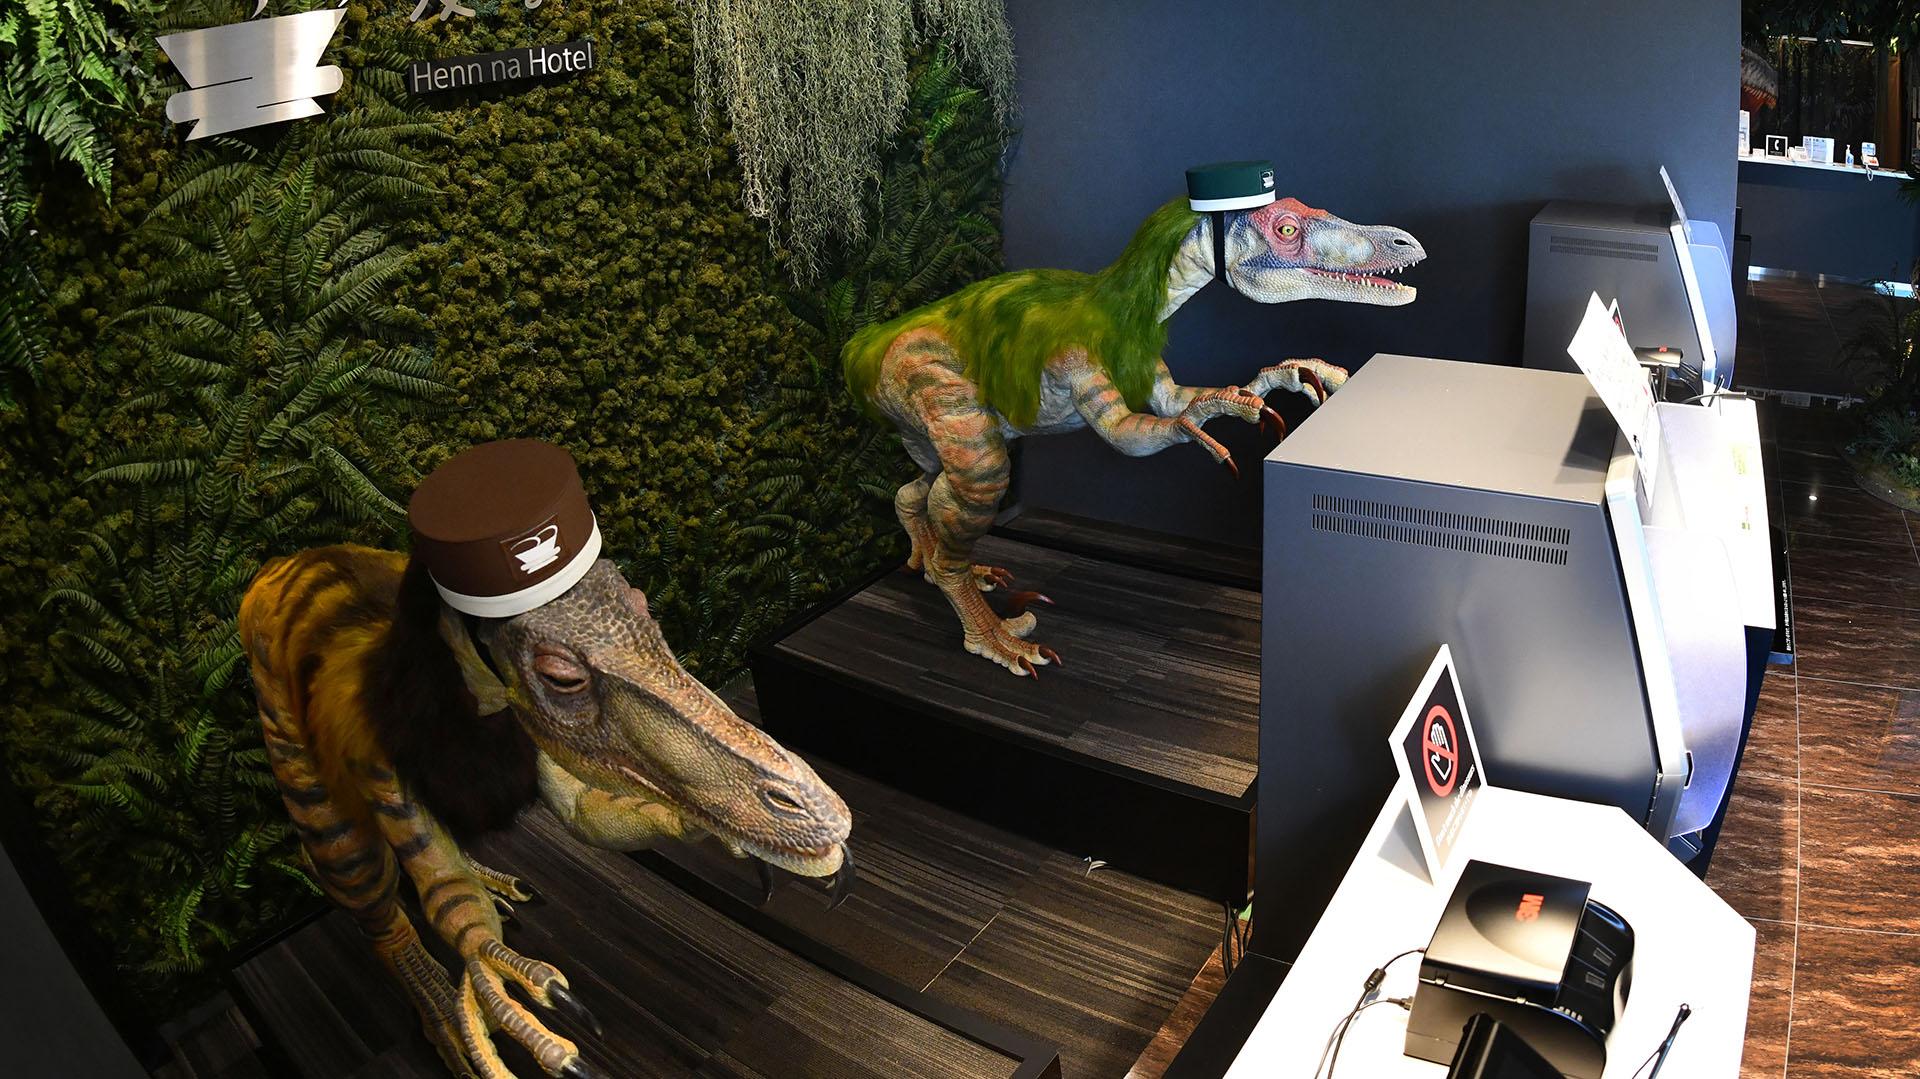 Un par de dinosaurios robot con sombreros de botones reciben a los invitados en la recepción del hotel (AFP PHOTO / Kazuhiro NOGI)